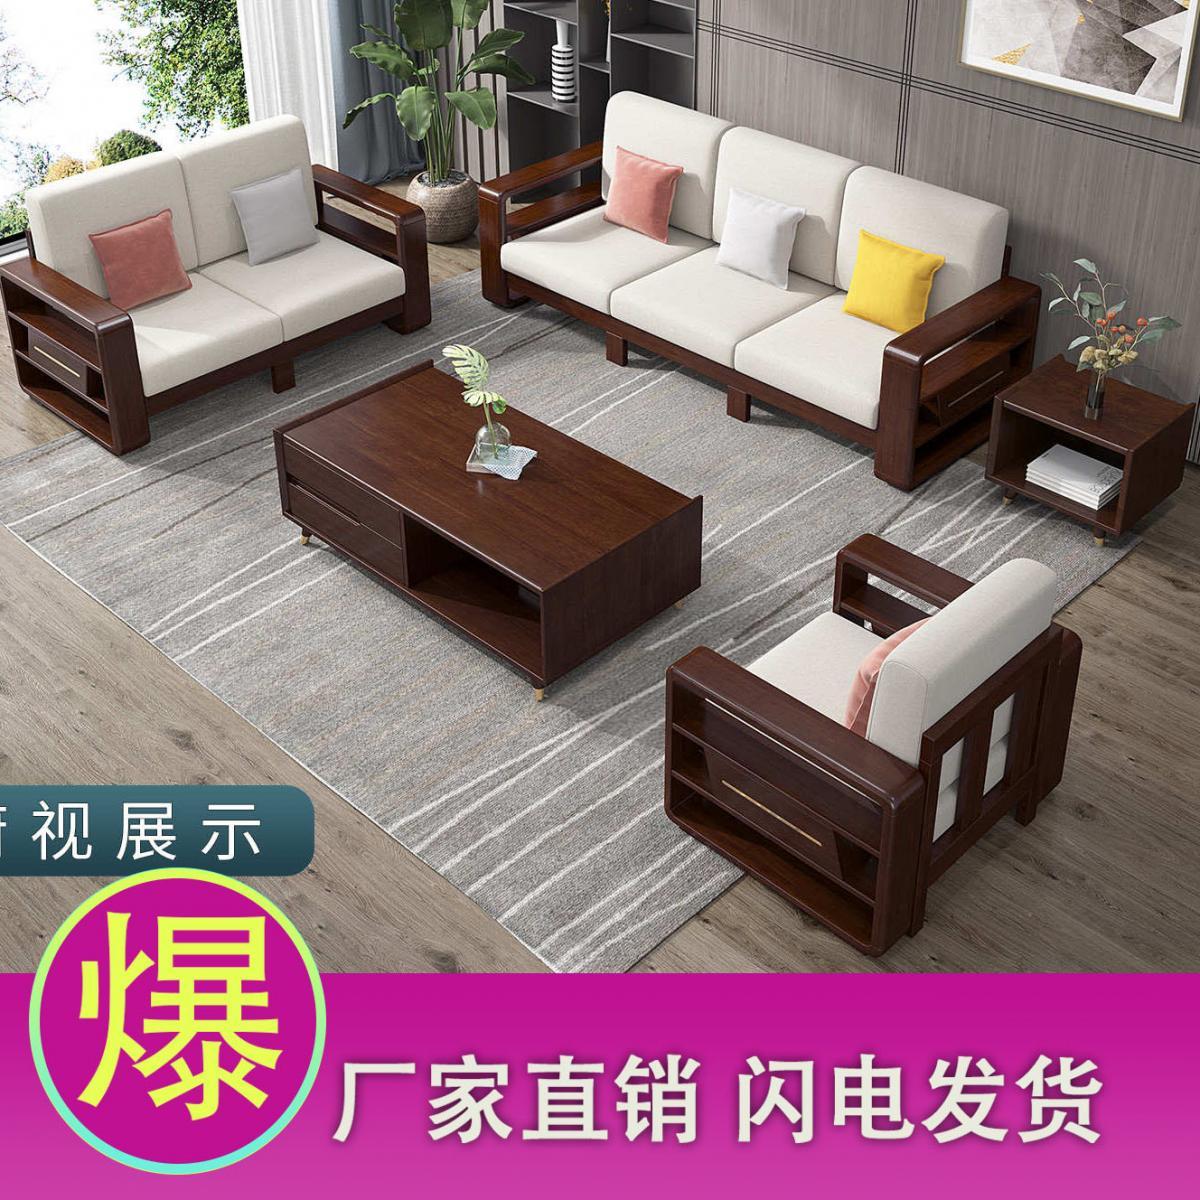 新中式实木沙发现代布艺沙发组合简约木质客厅北欧轻奢风家具套装